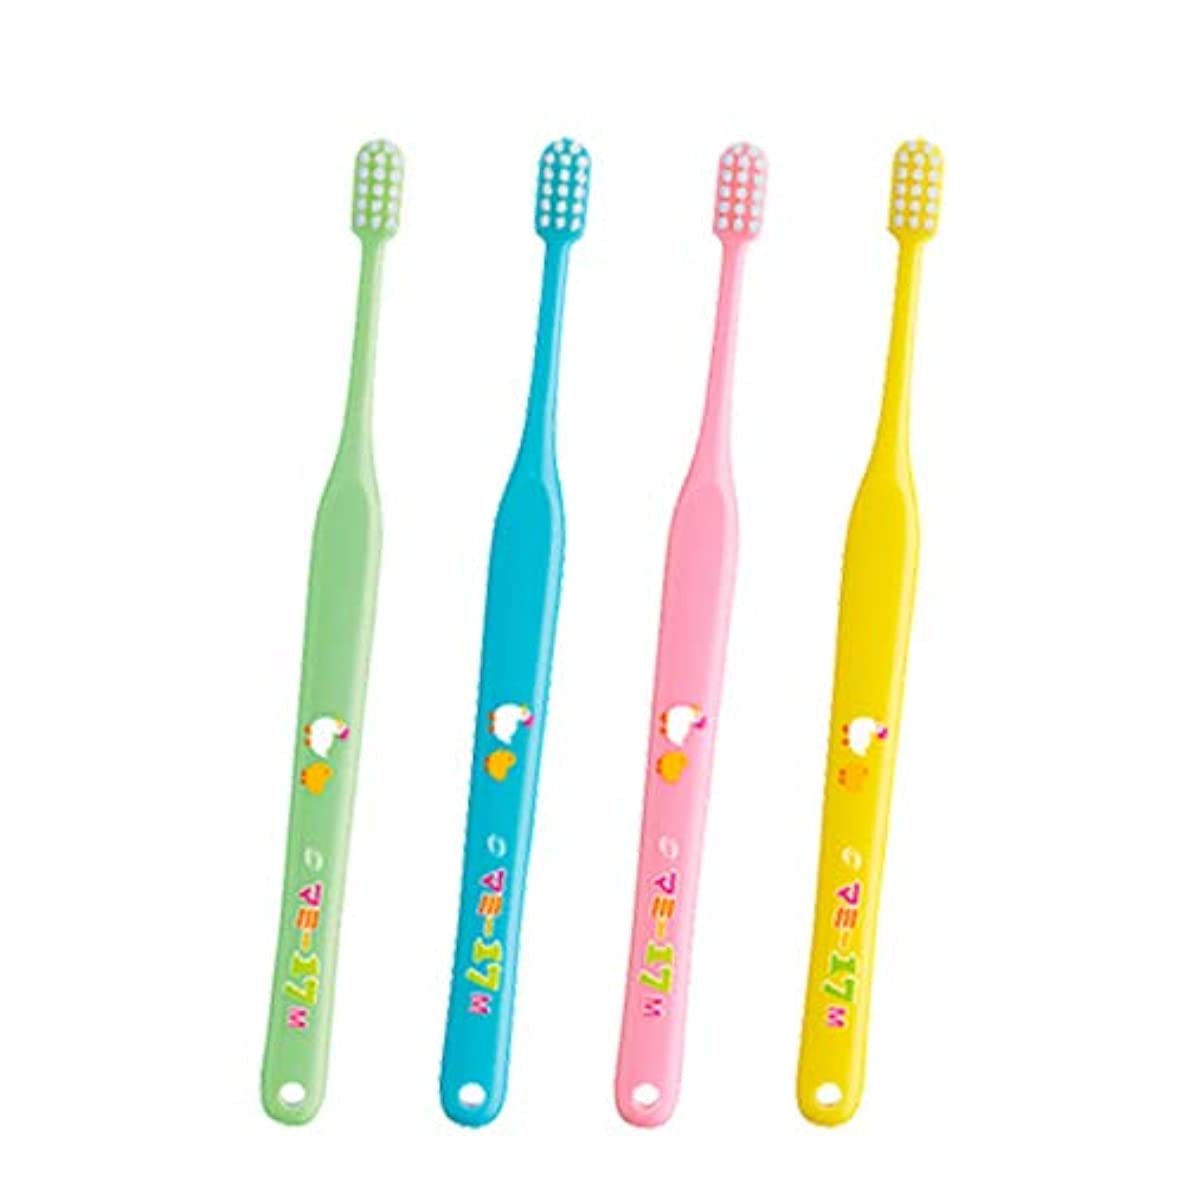 コール発火するレンディションオーラルケア マミー17 歯ブラシ 4本 (ミディアム(M))